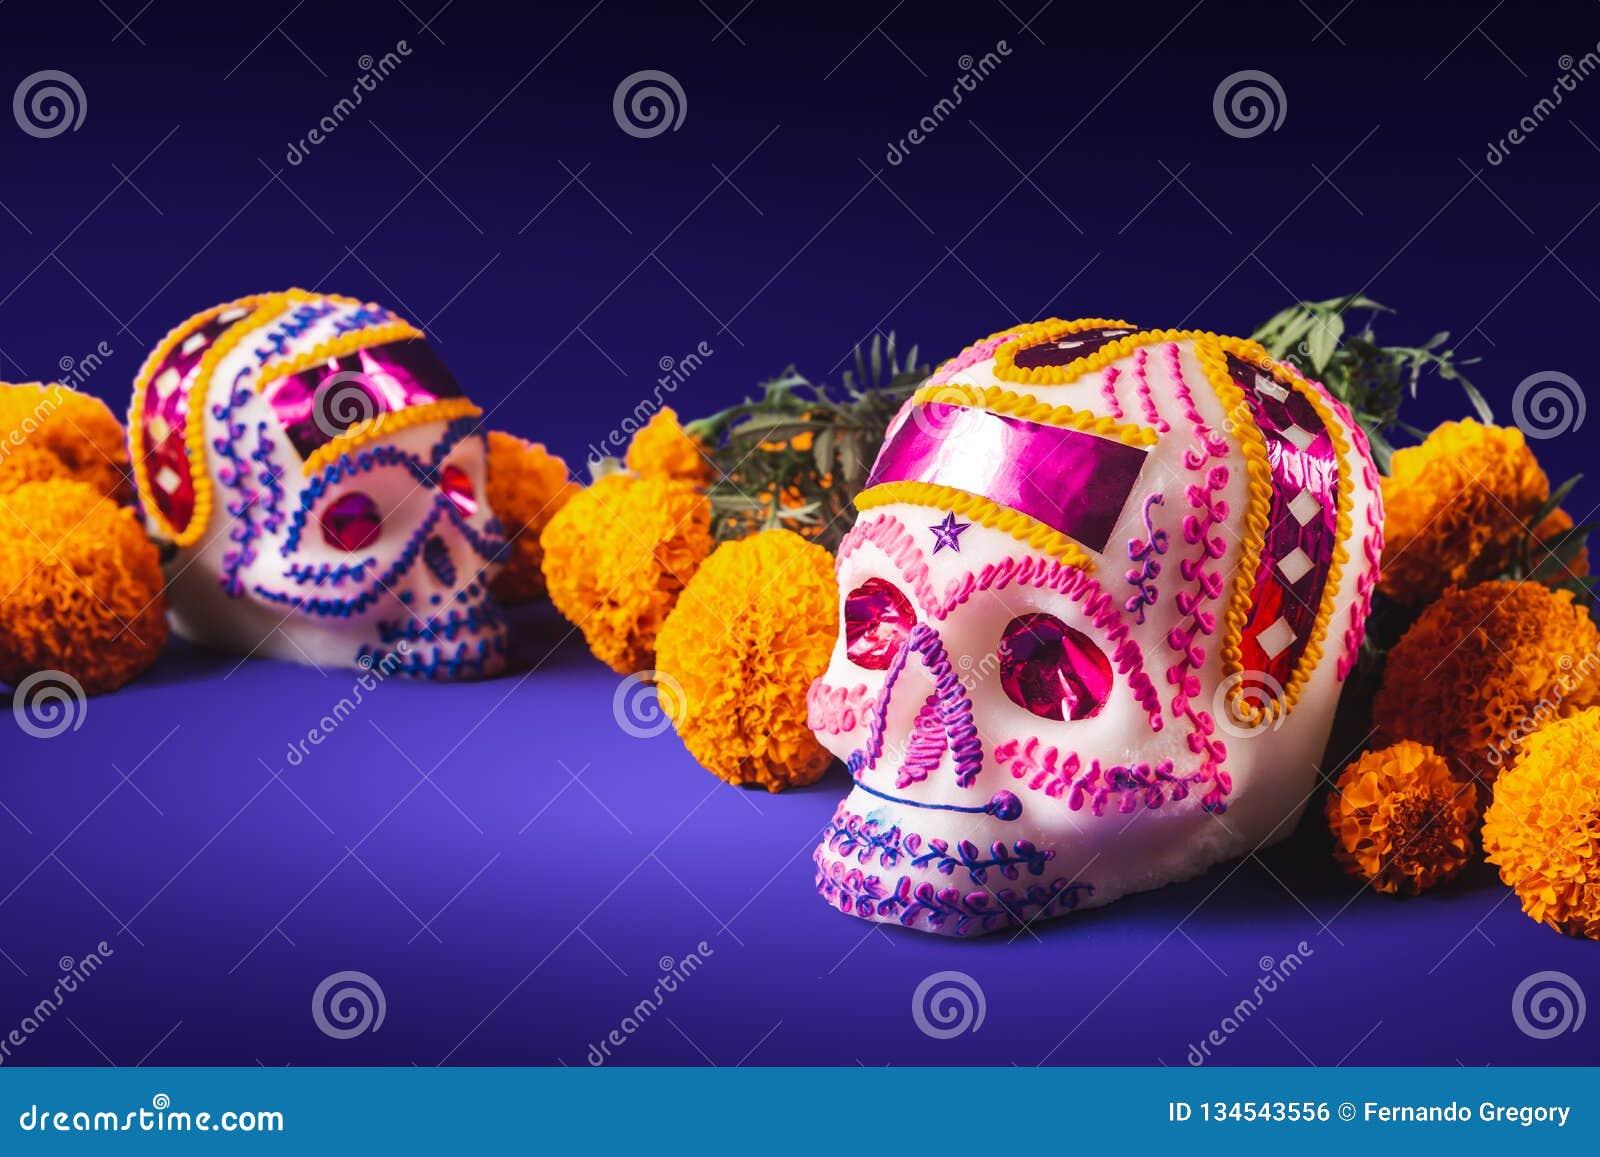 Cukrowe czaszki w purpurowym tle